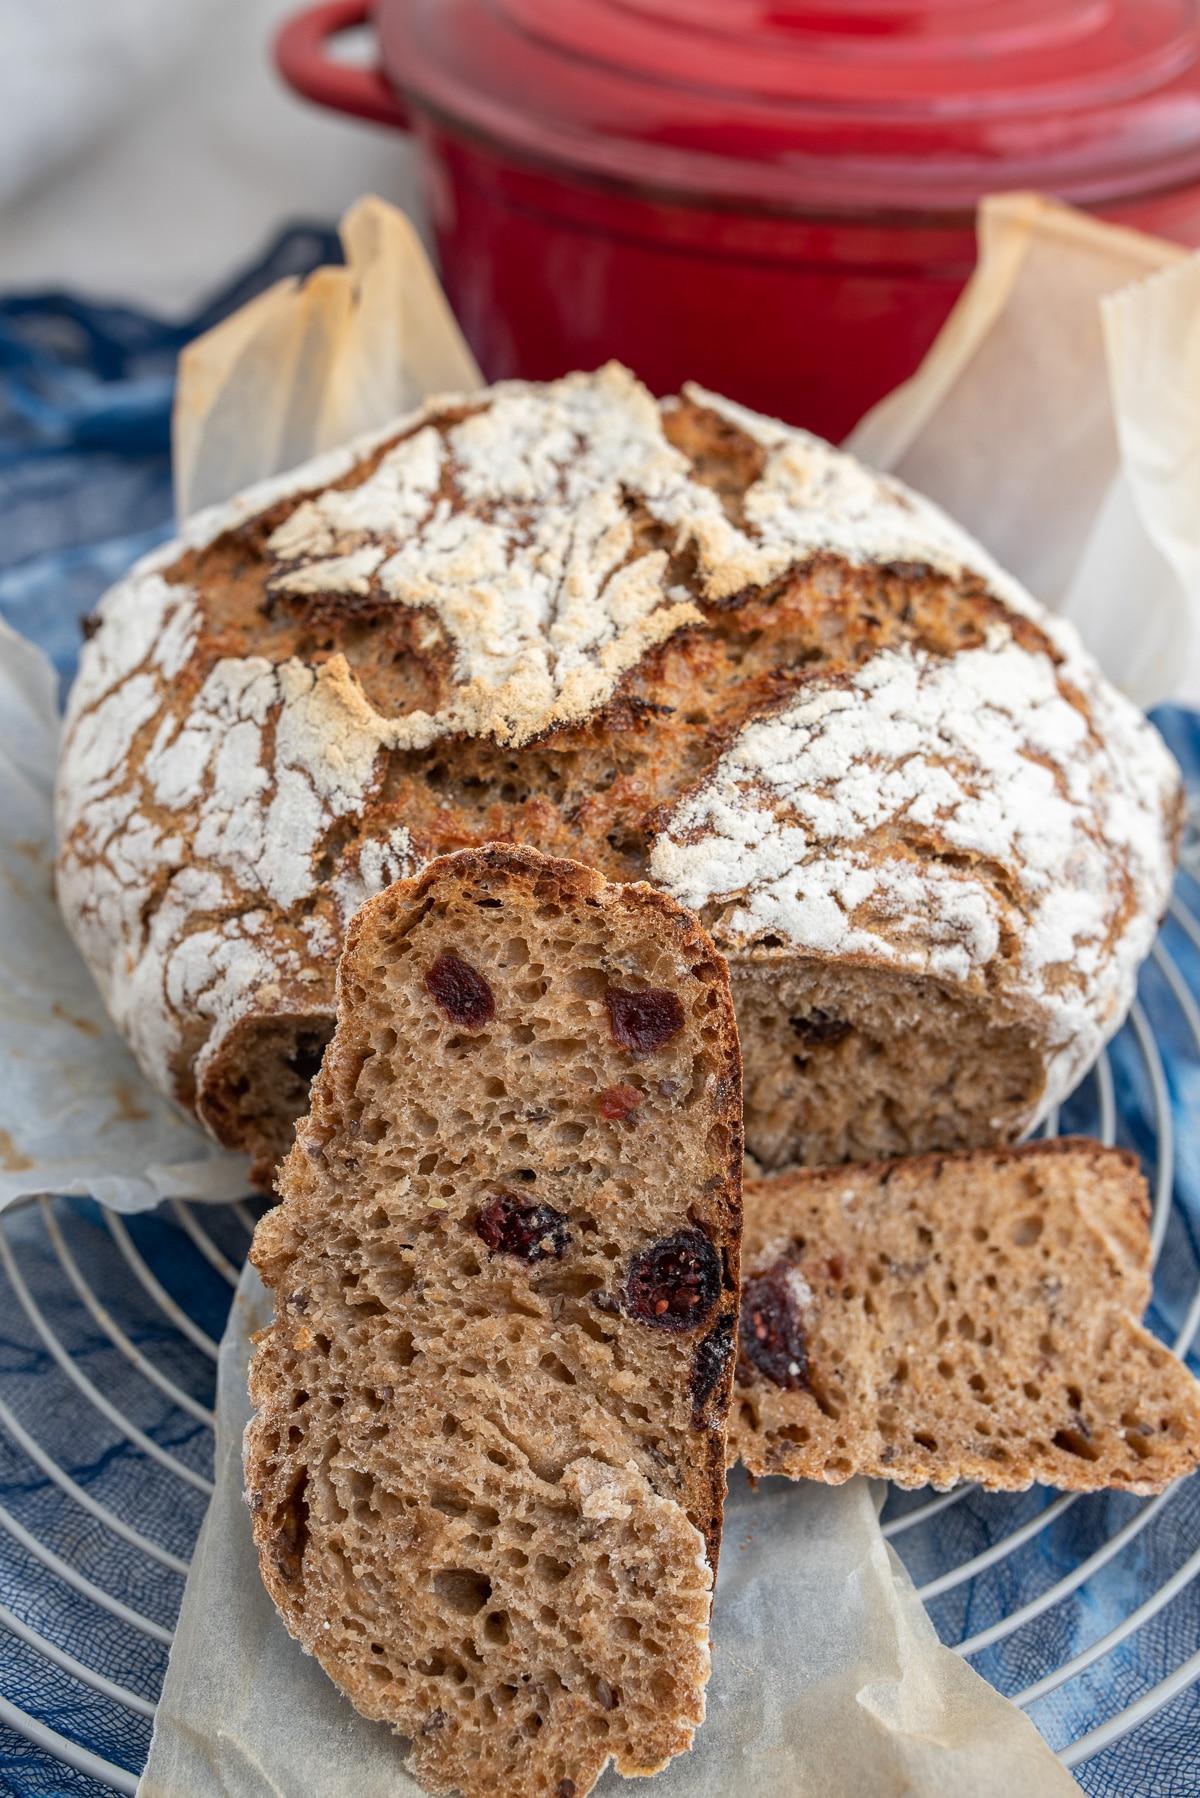 Kromka chleba z żurawiną na tle garnka do pieczenia chleba.